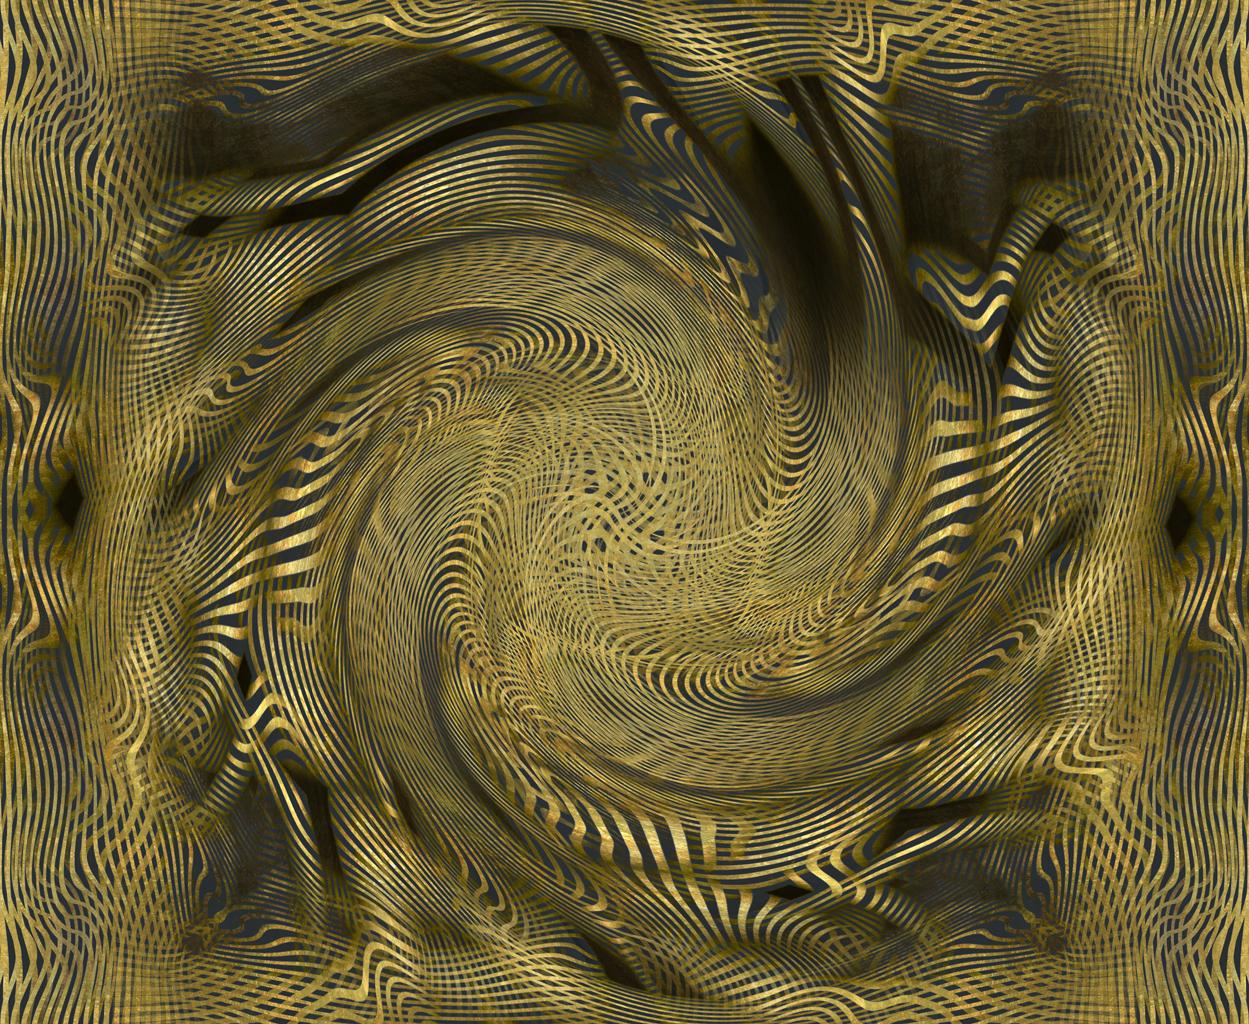 Royal Texture Gold 2015